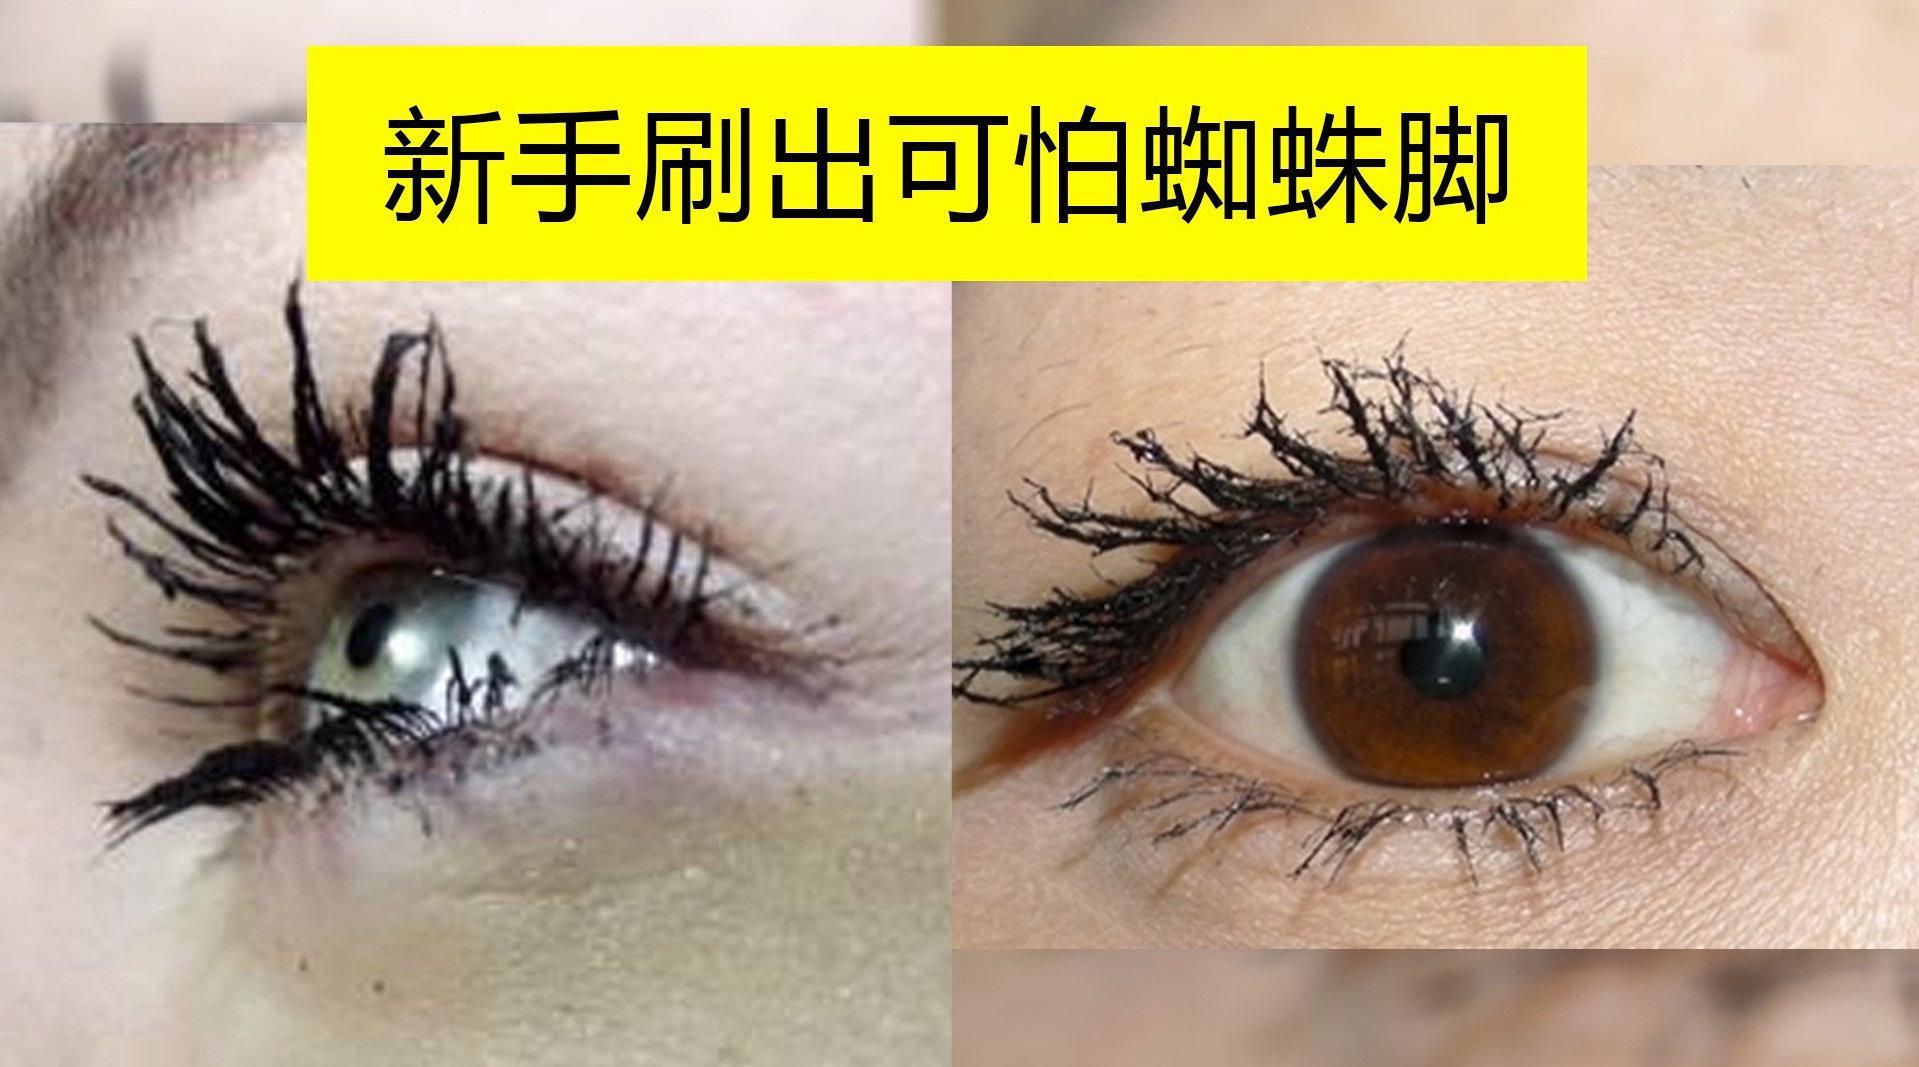 新手化妆时应该怎么刷睫毛膏??睫毛膏刷了都成苍蝇腿应该怎么办?